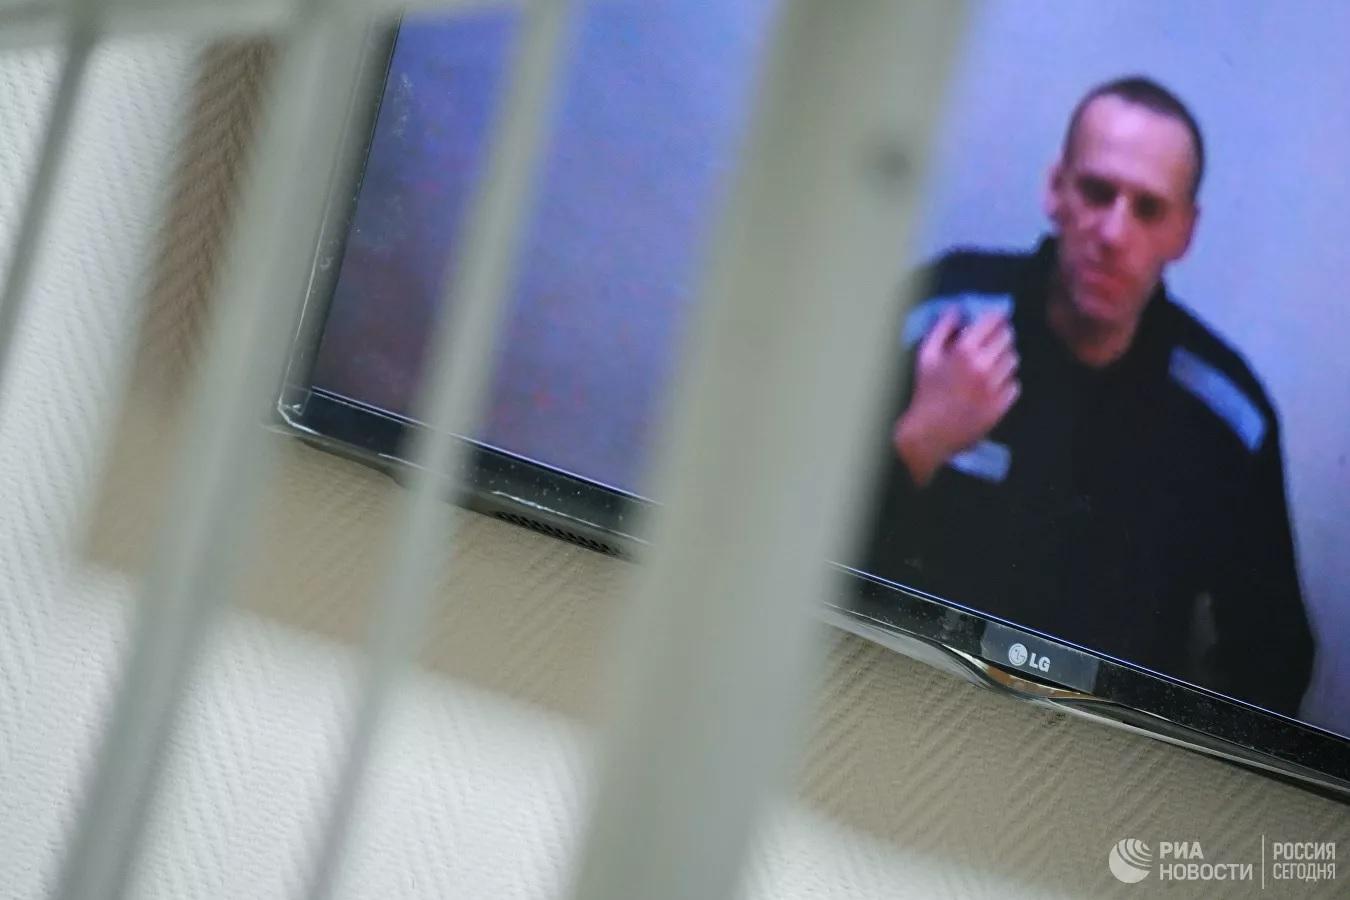 У Навального в тюрьме теперь есть и Библия, и Коран - он доволен